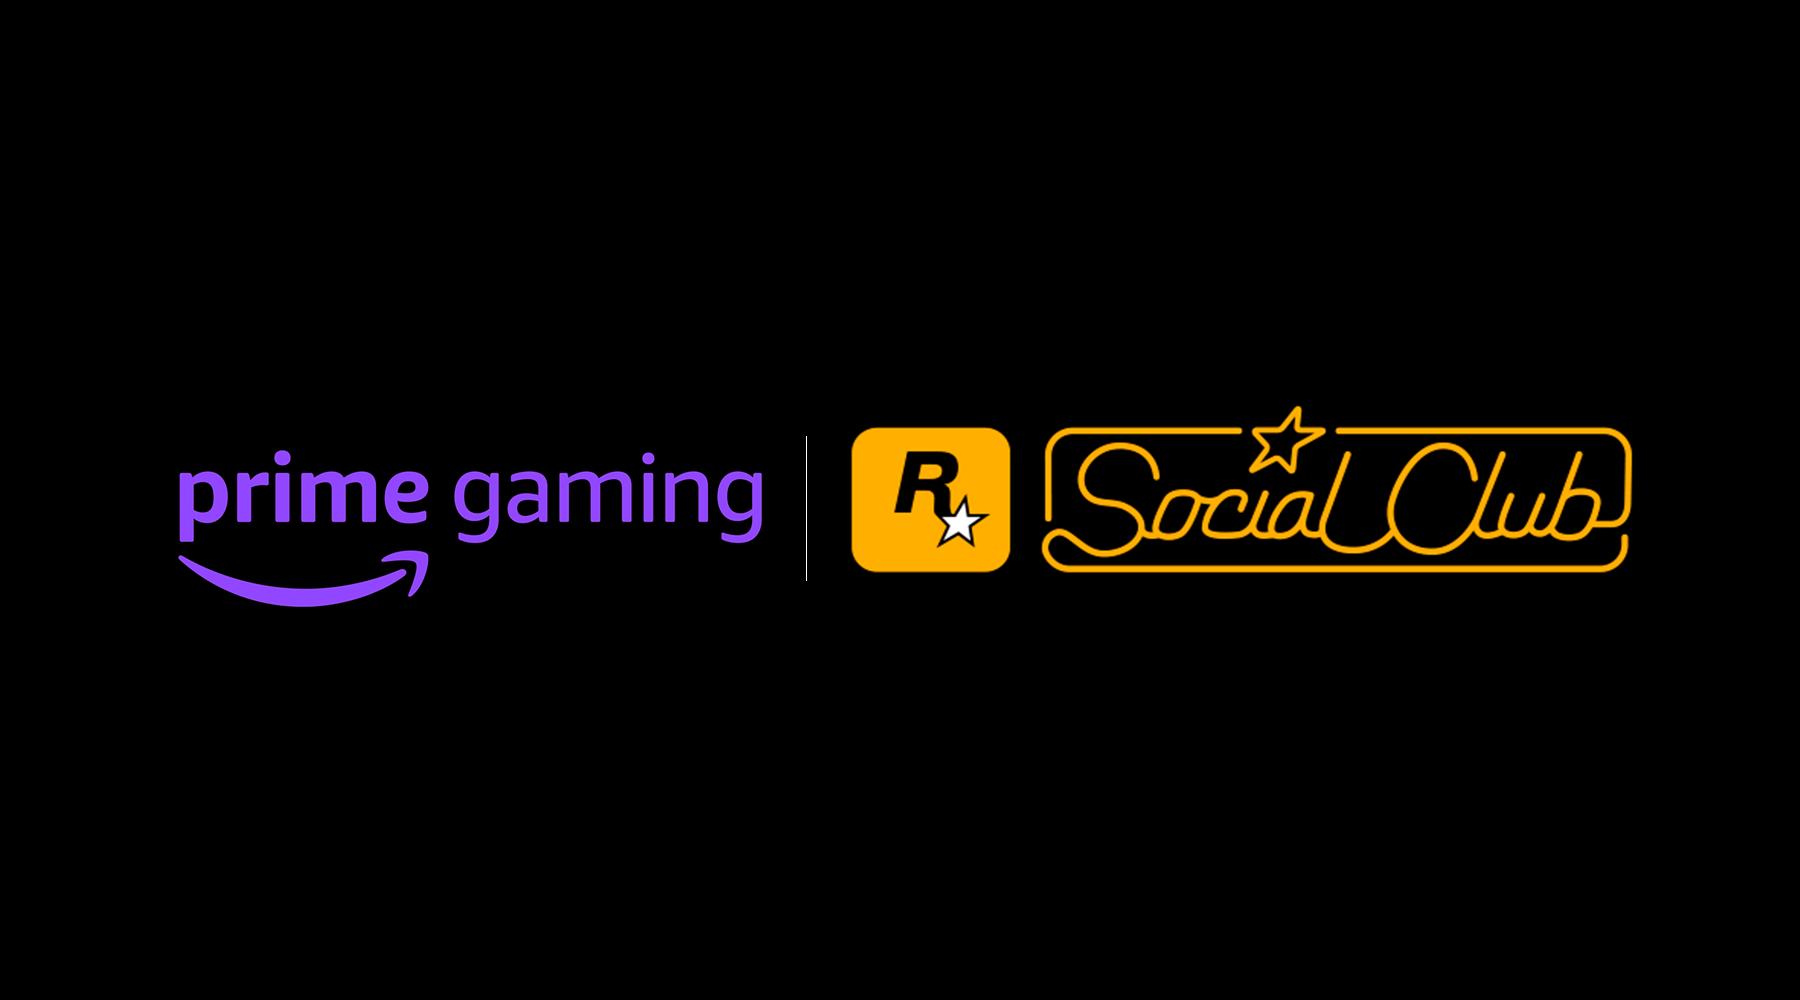 gta 5 prime gaming